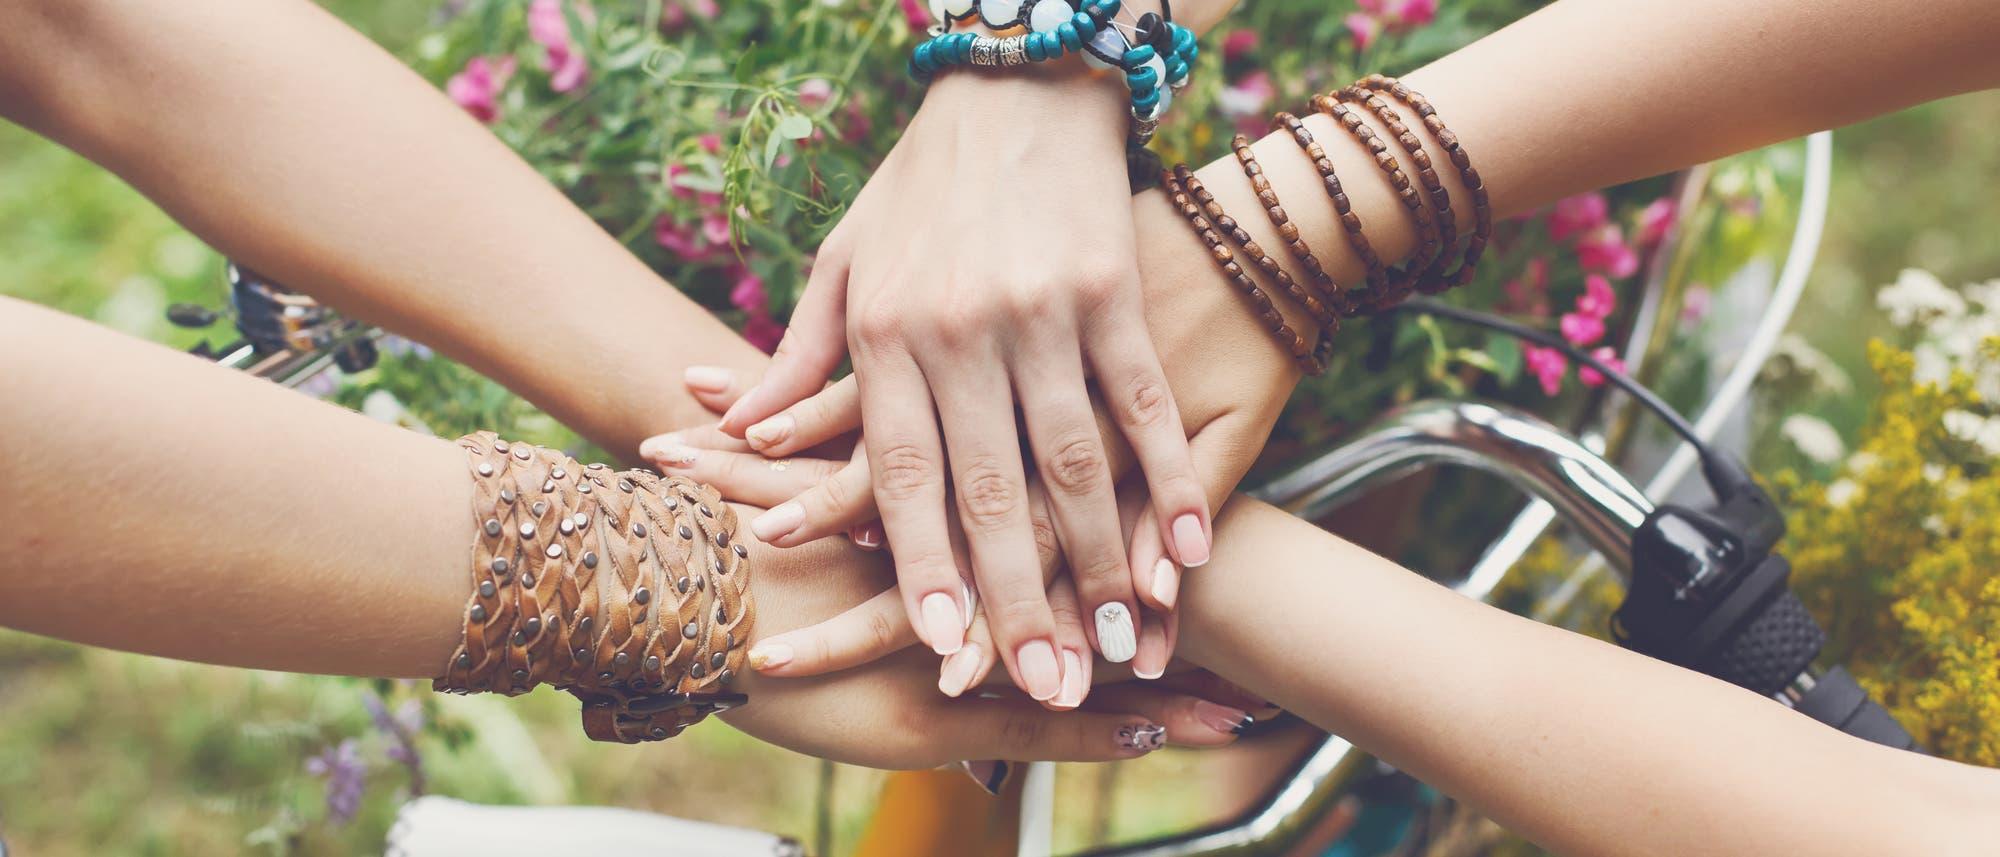 Mehrere Mädchen legen die Hände aufeinander